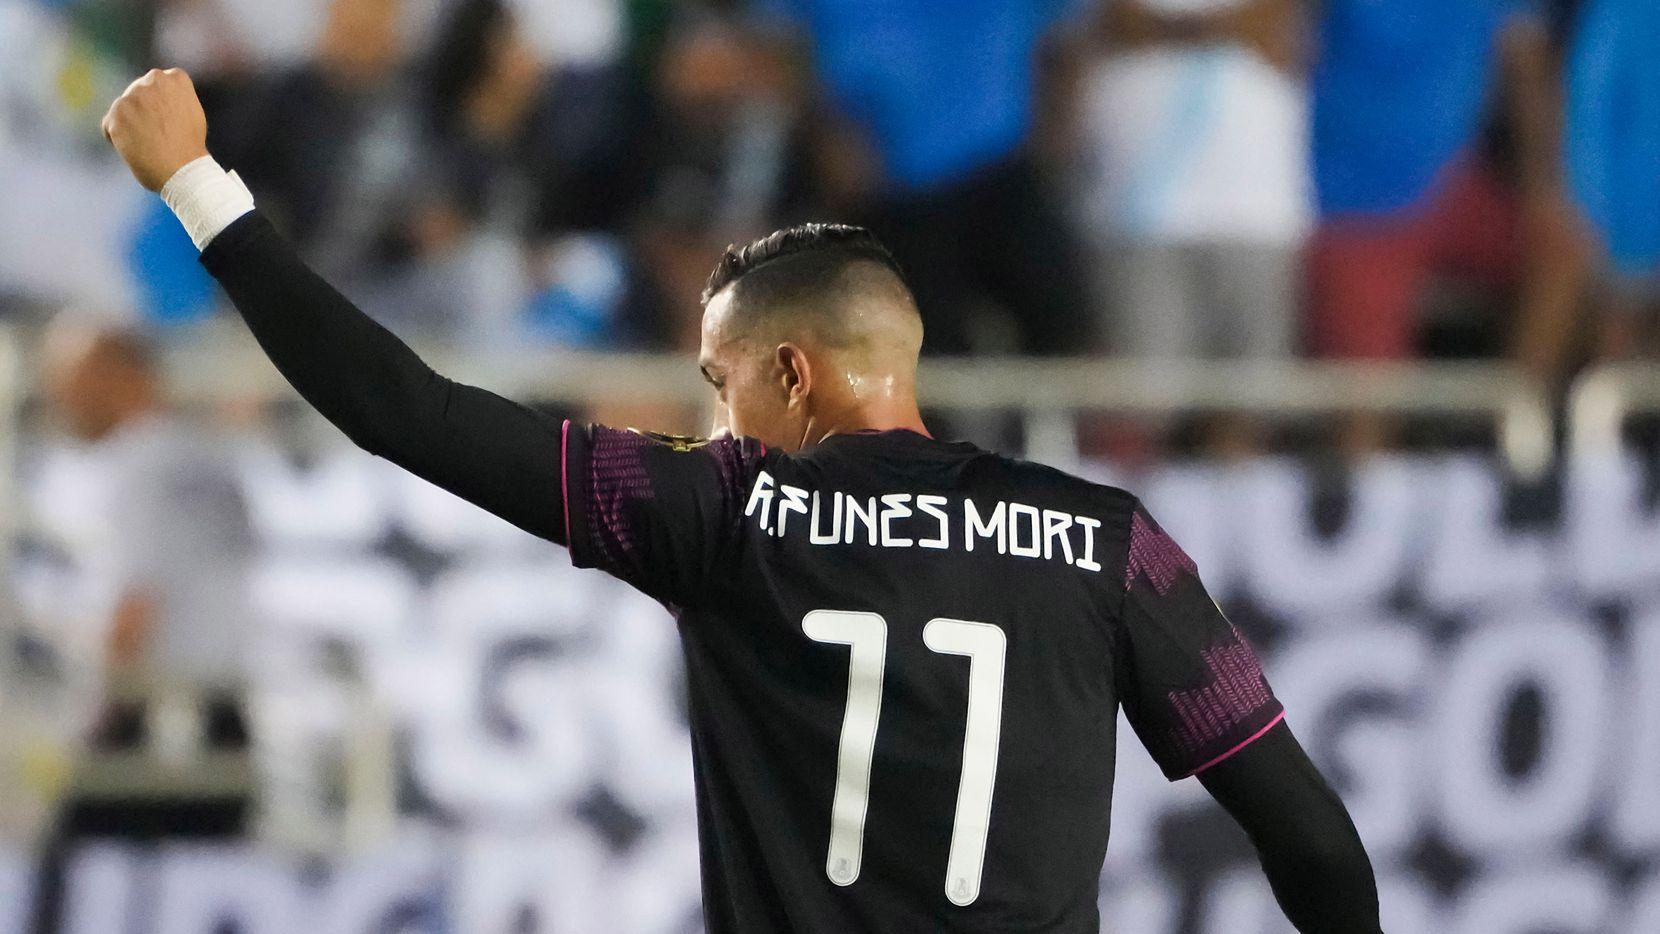 El delantero  de la selección mexicana, Rogelio Funes Mori, celebra tras anotar un gol ante Guatemala en la Copa Oro, el 14 de julio d 2021 en el Cotton Bowl de Dallas.